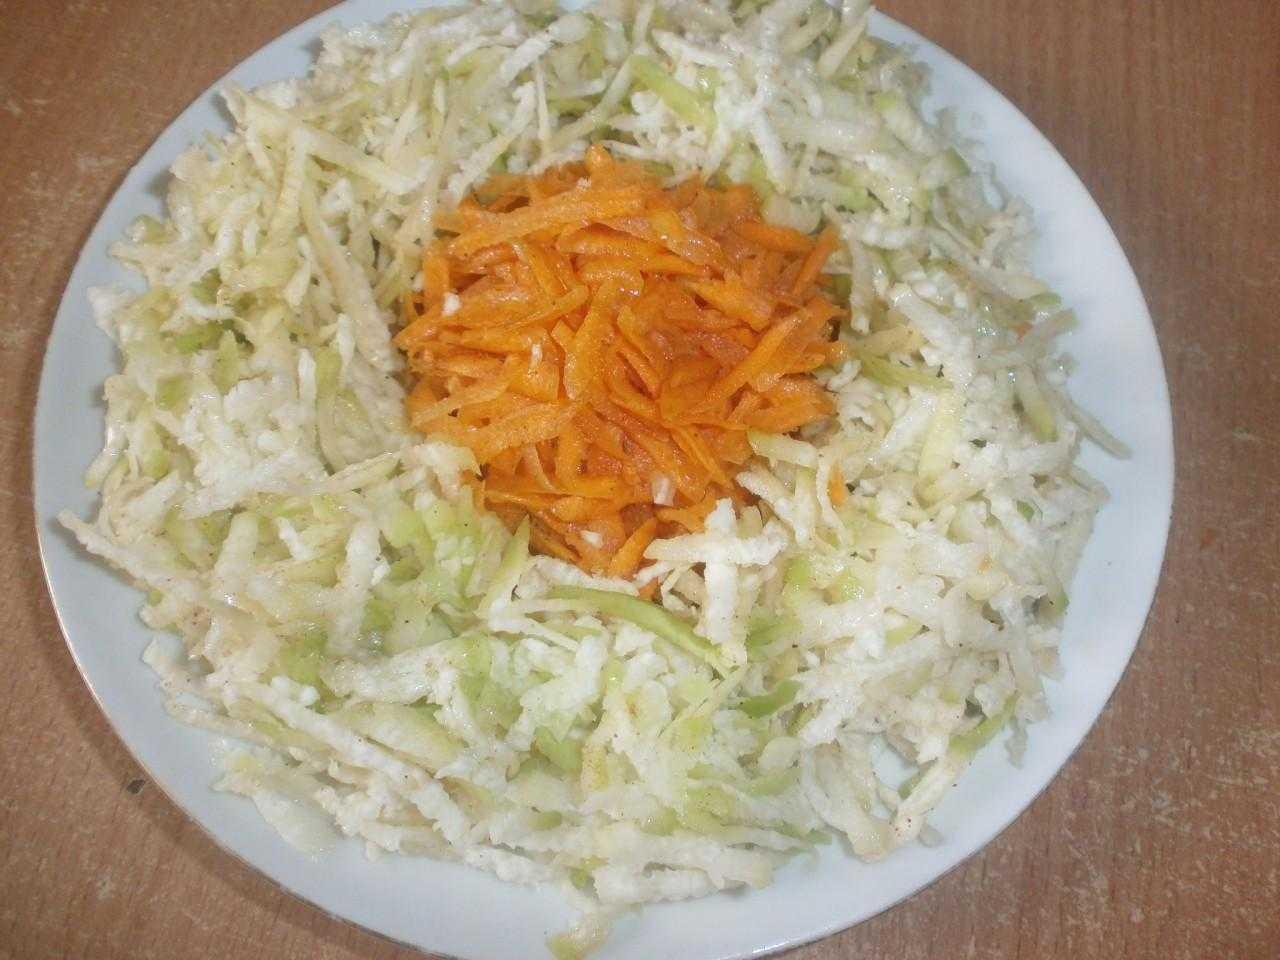 Салат из редьки зеленой - идеальный выбор для семейного ужина: рецепт с фото и видео